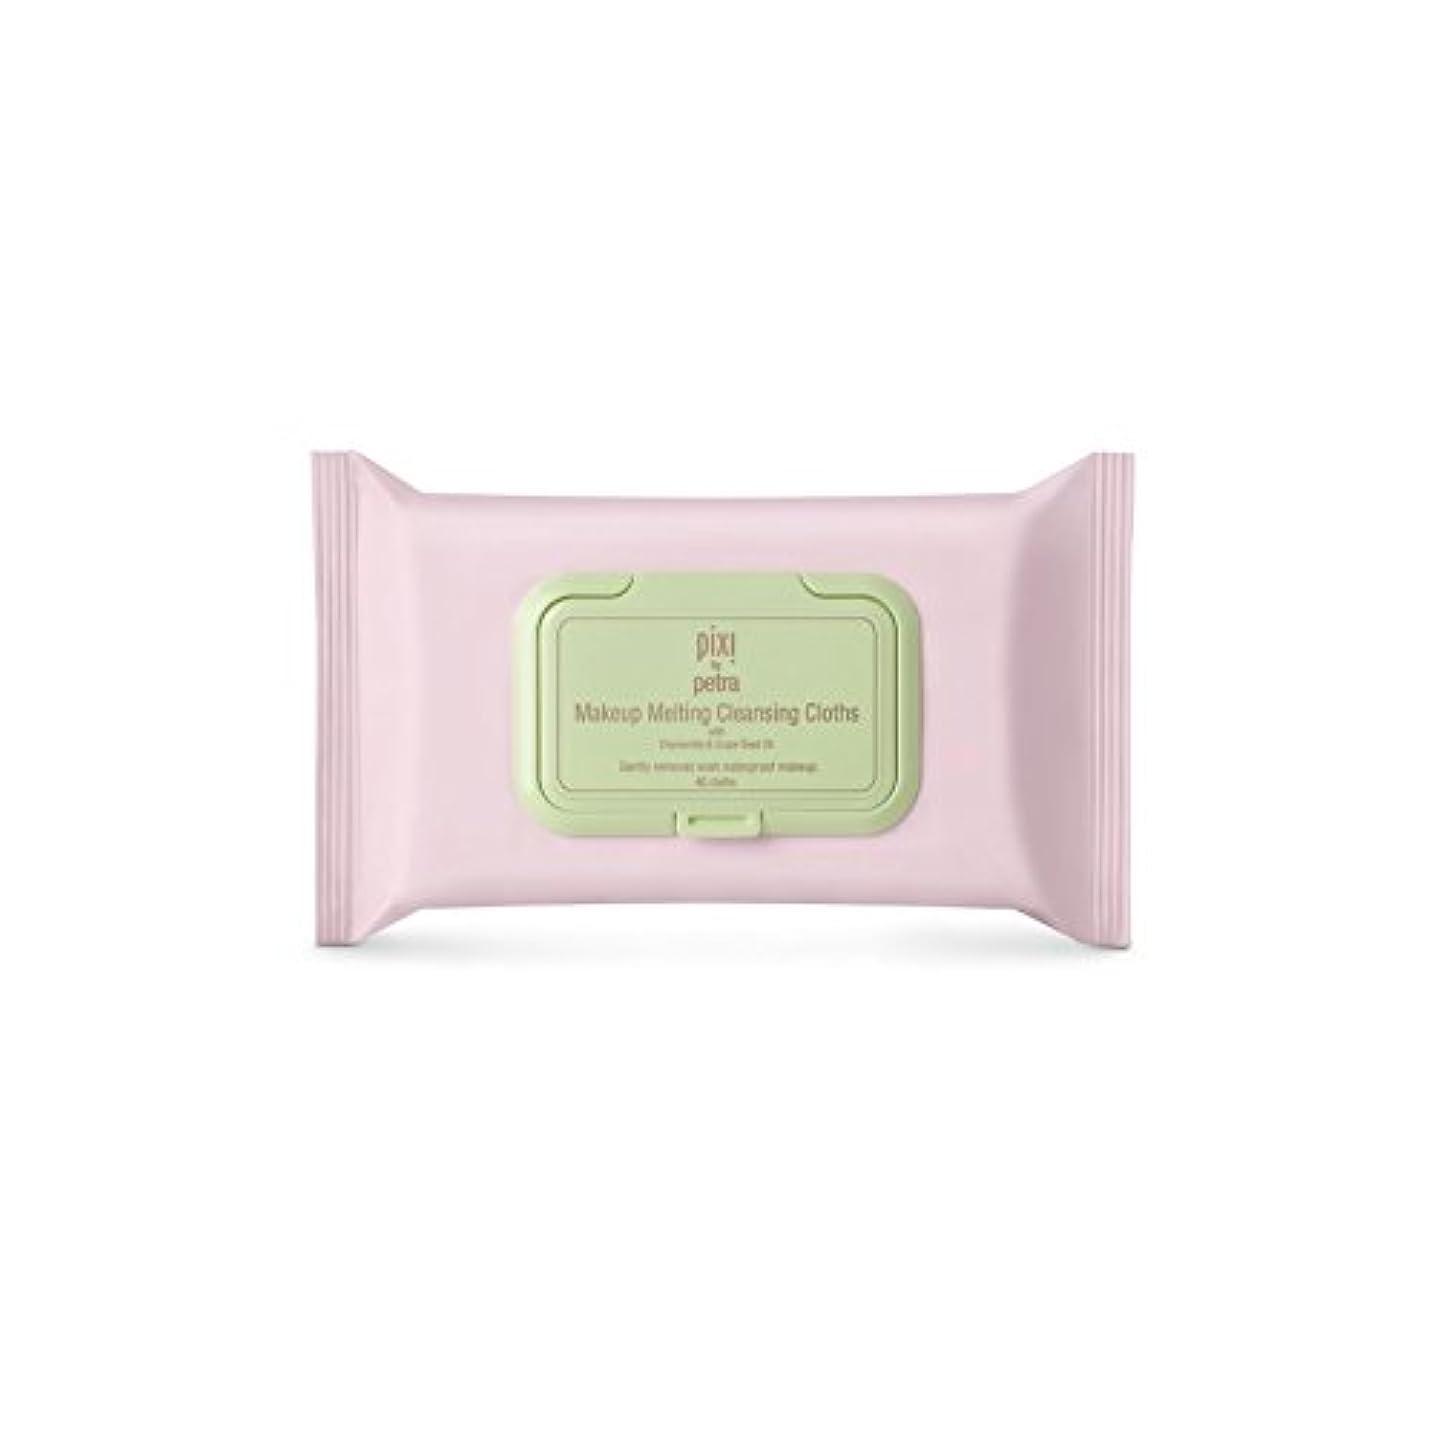 肖像画勃起深い化粧溶融クレンジングクロス x2 - Pixi Makeup Melting Cleansing Cloths (Pack of 2) [並行輸入品]